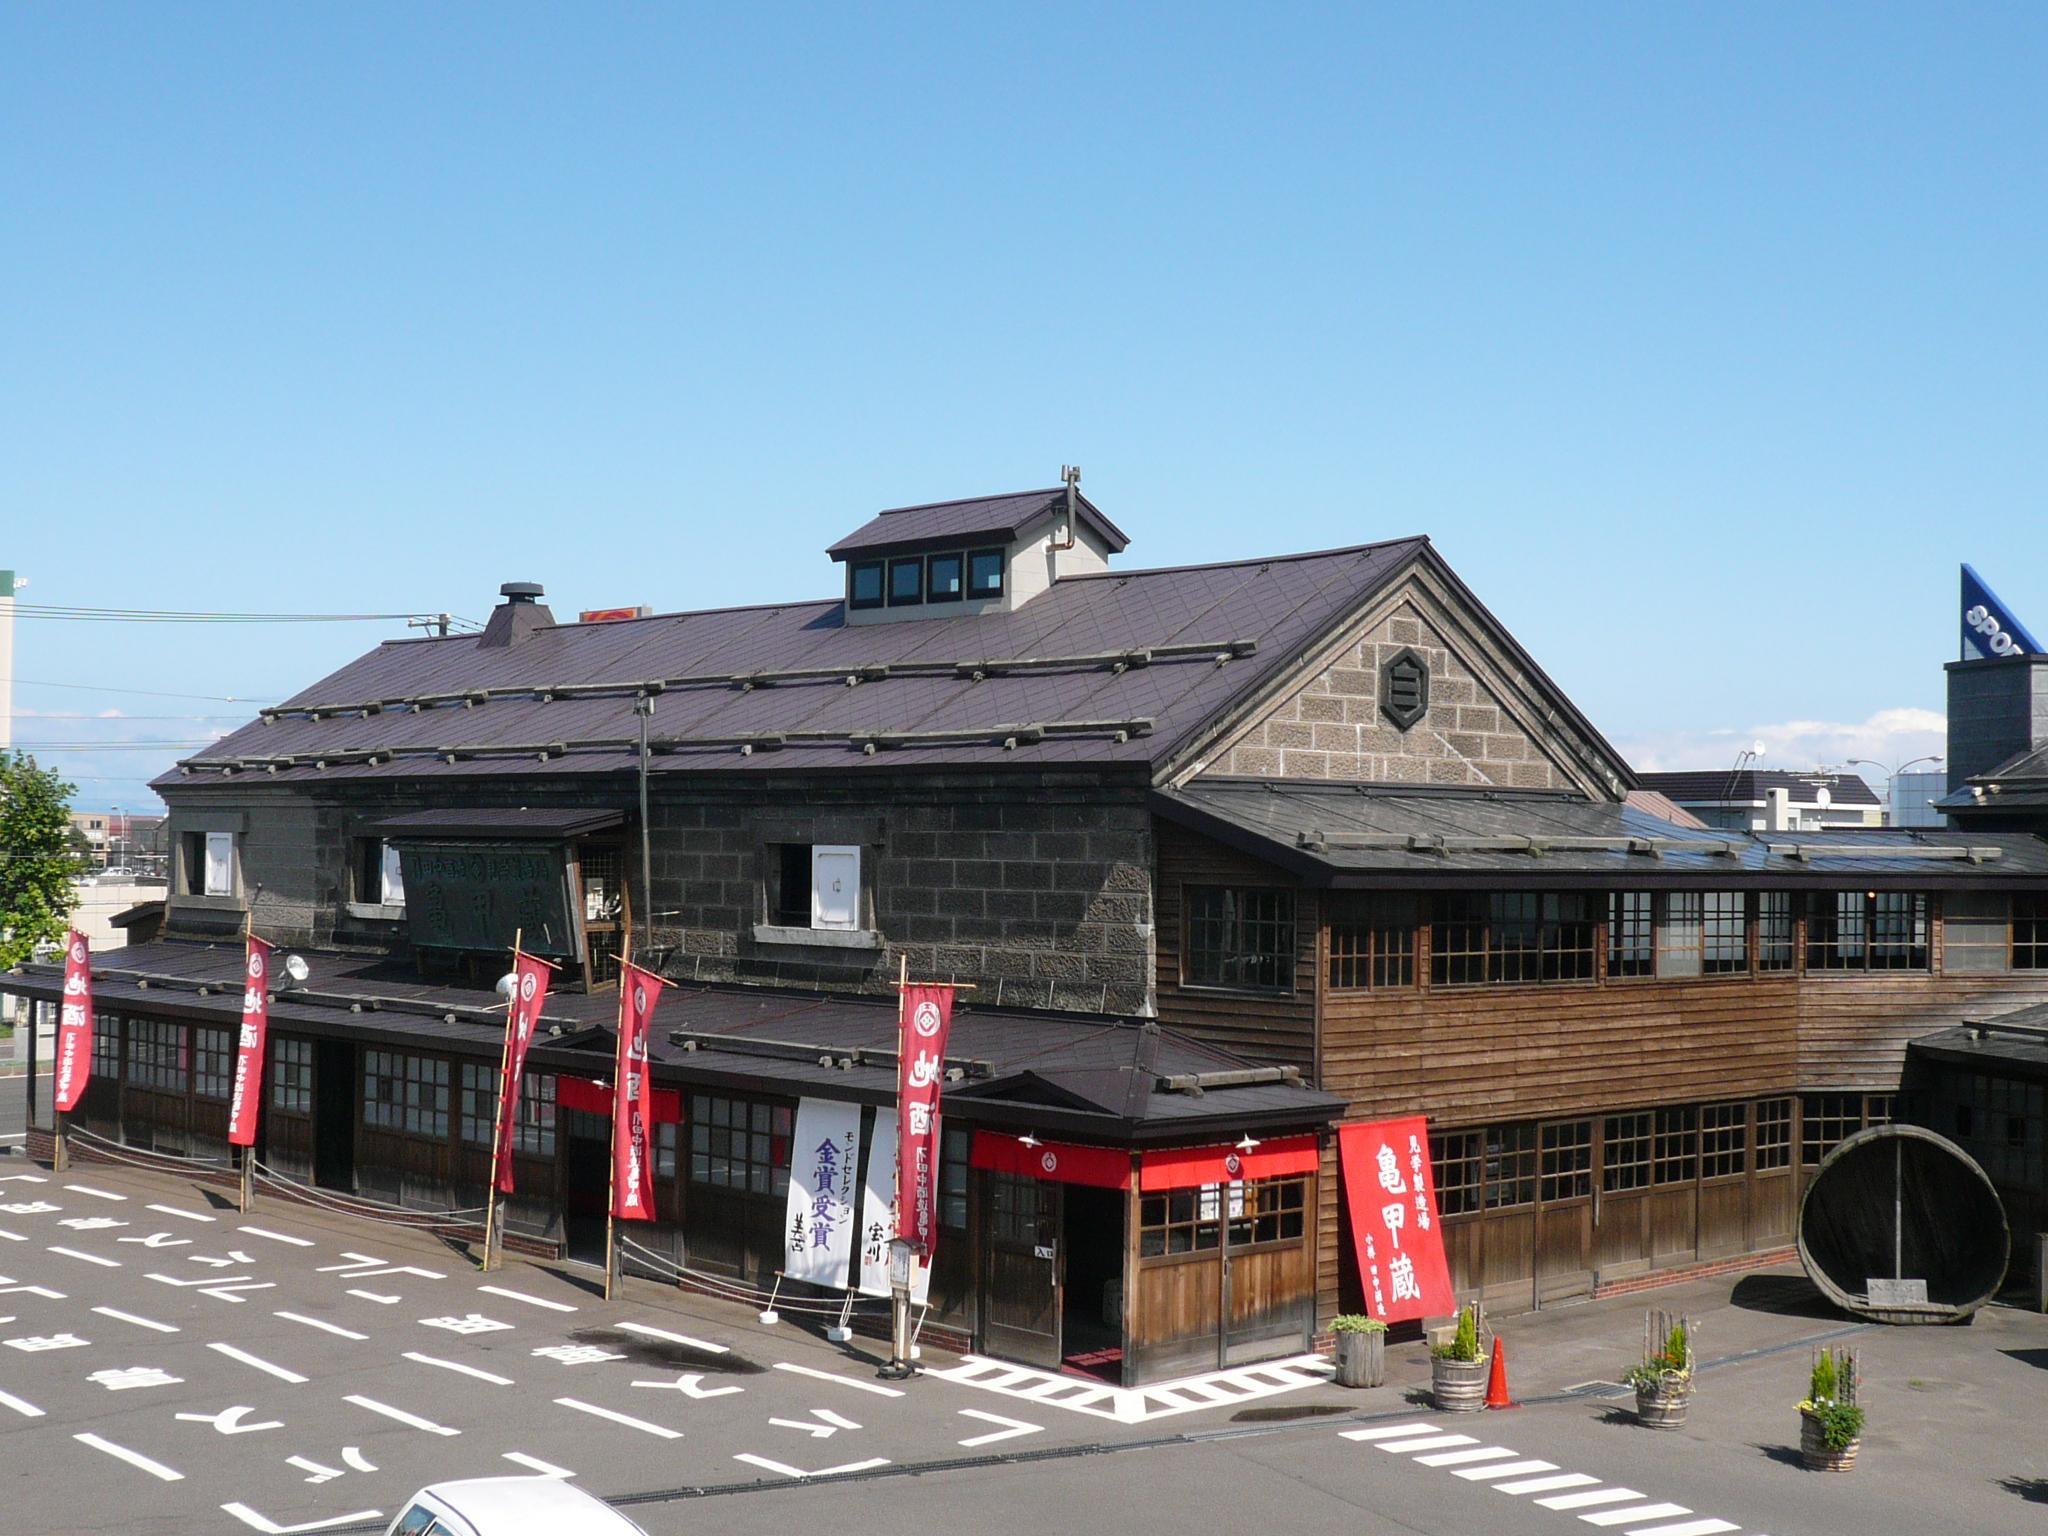 寿都元祖かき小屋で蒸焼き牡蠣食べ放題と岩内温泉で入浴 札幌発着 (2/11) 札幌